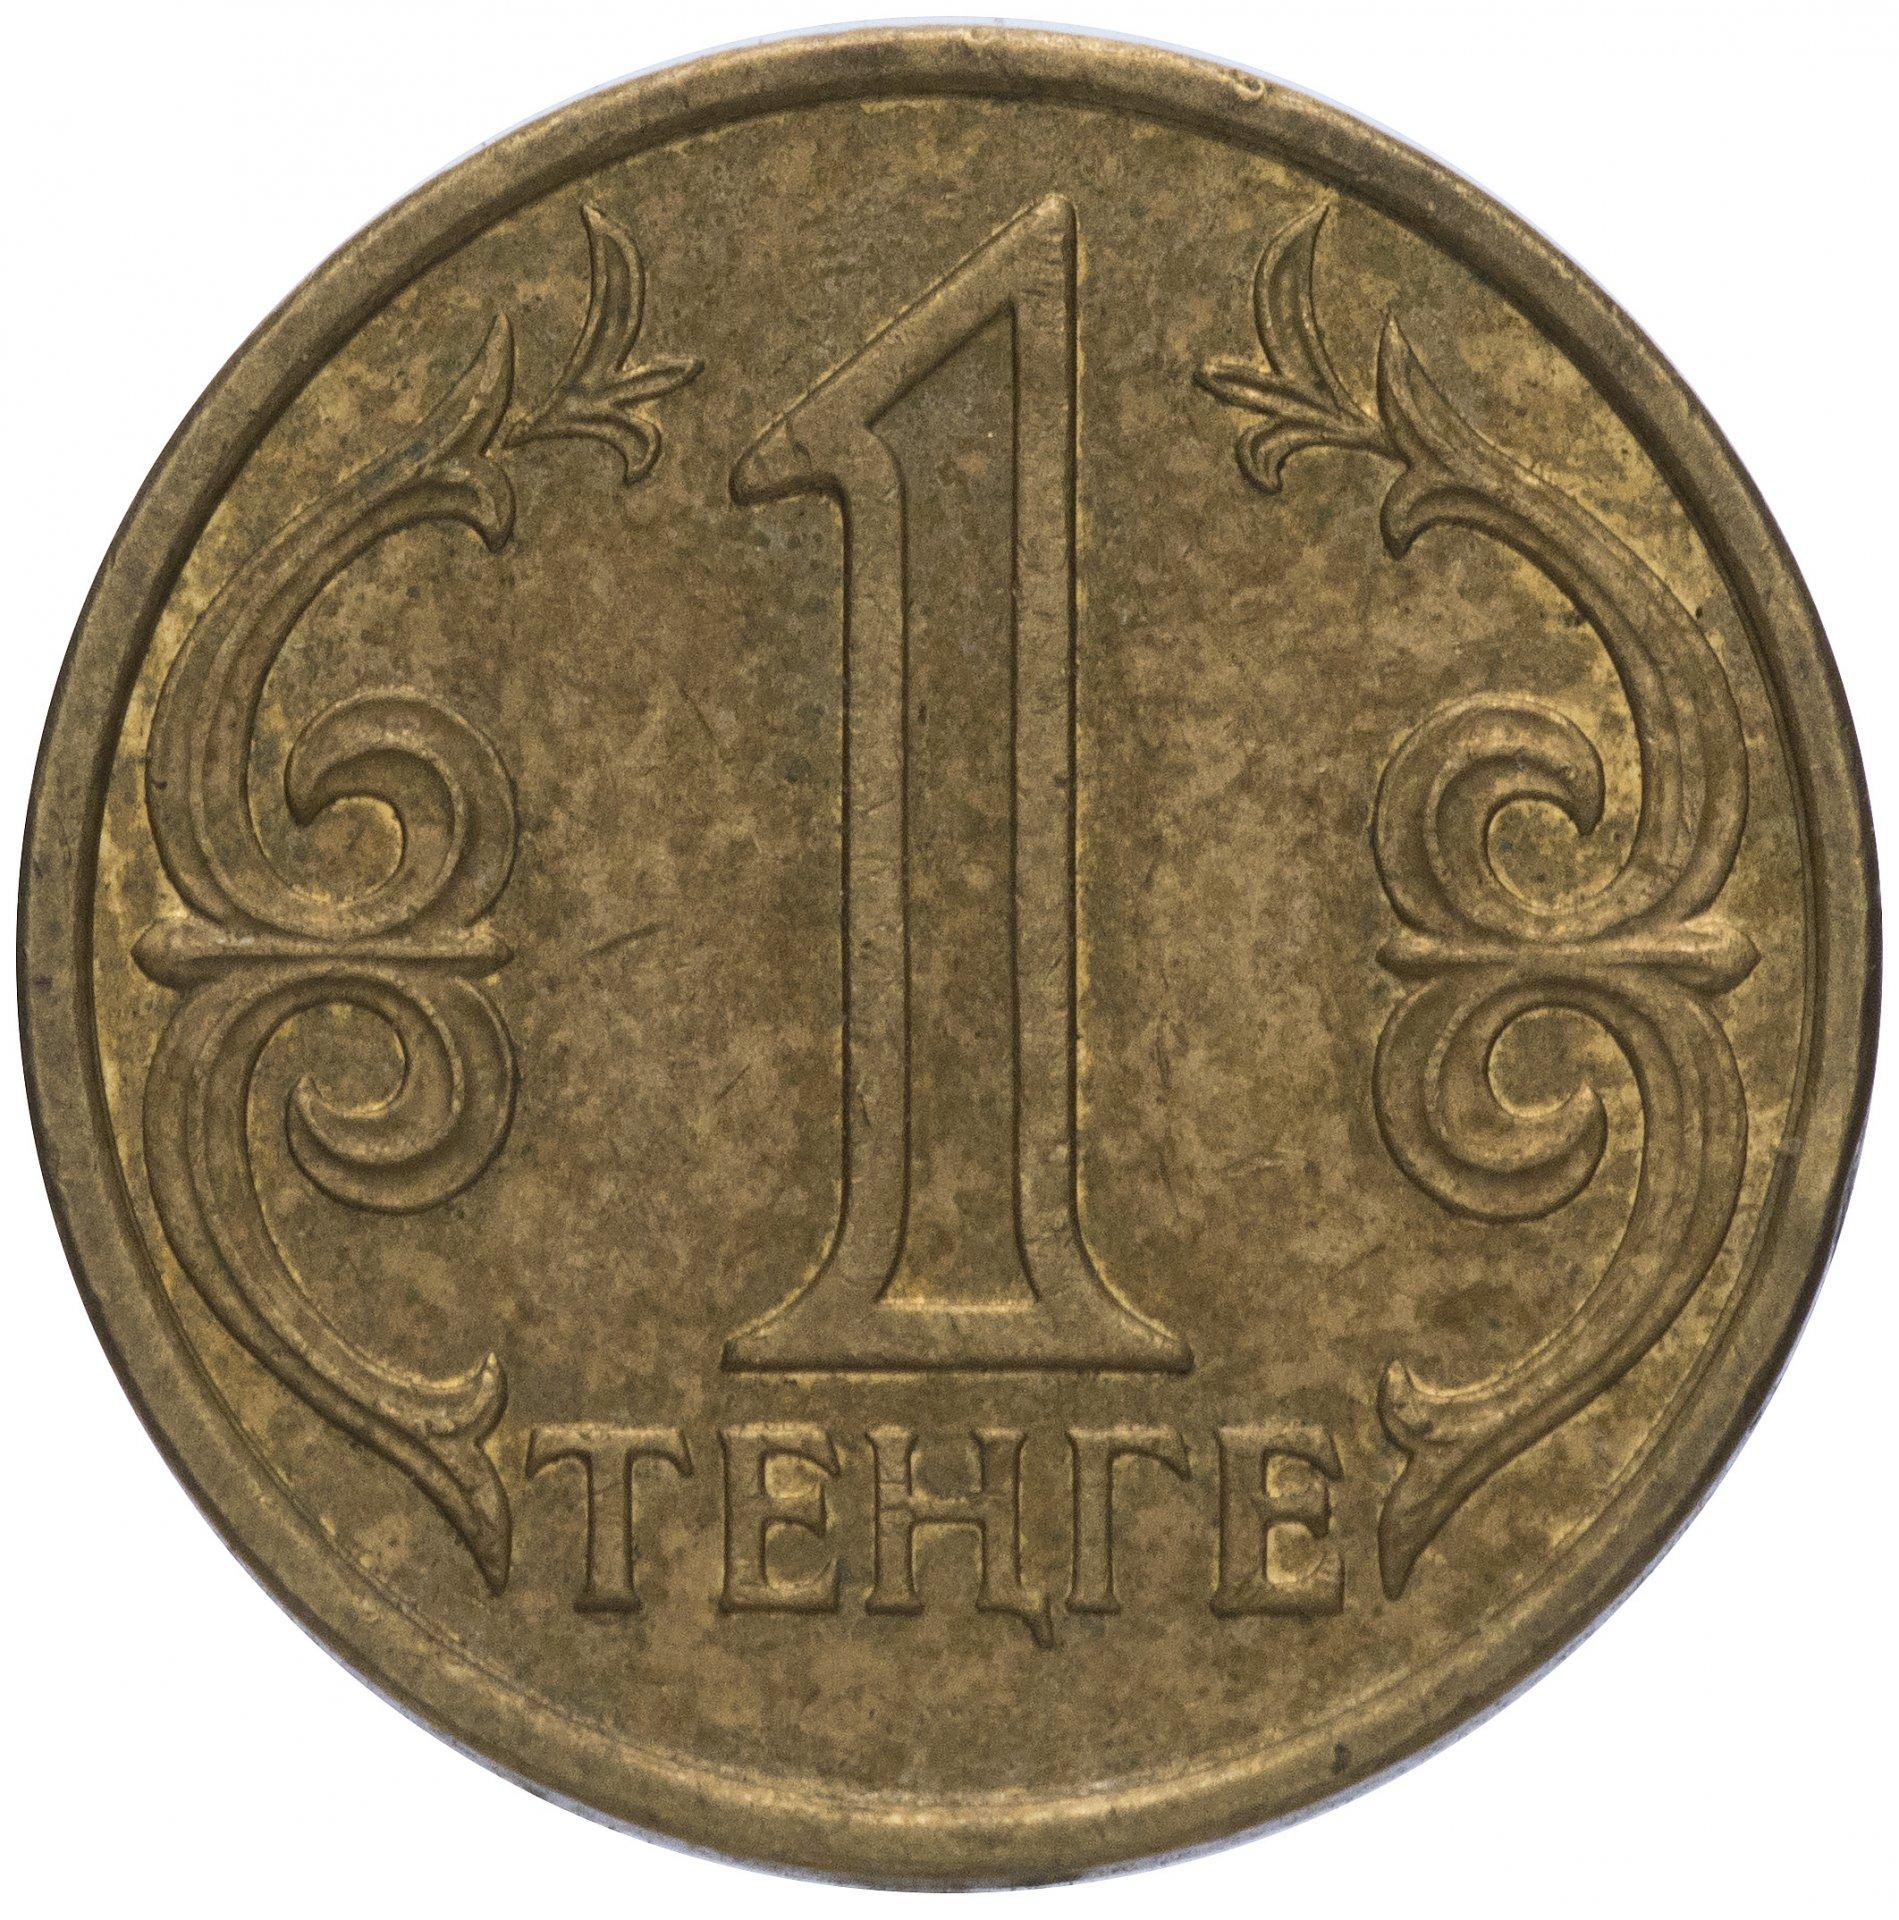 Ночи, картинки монеты тенге